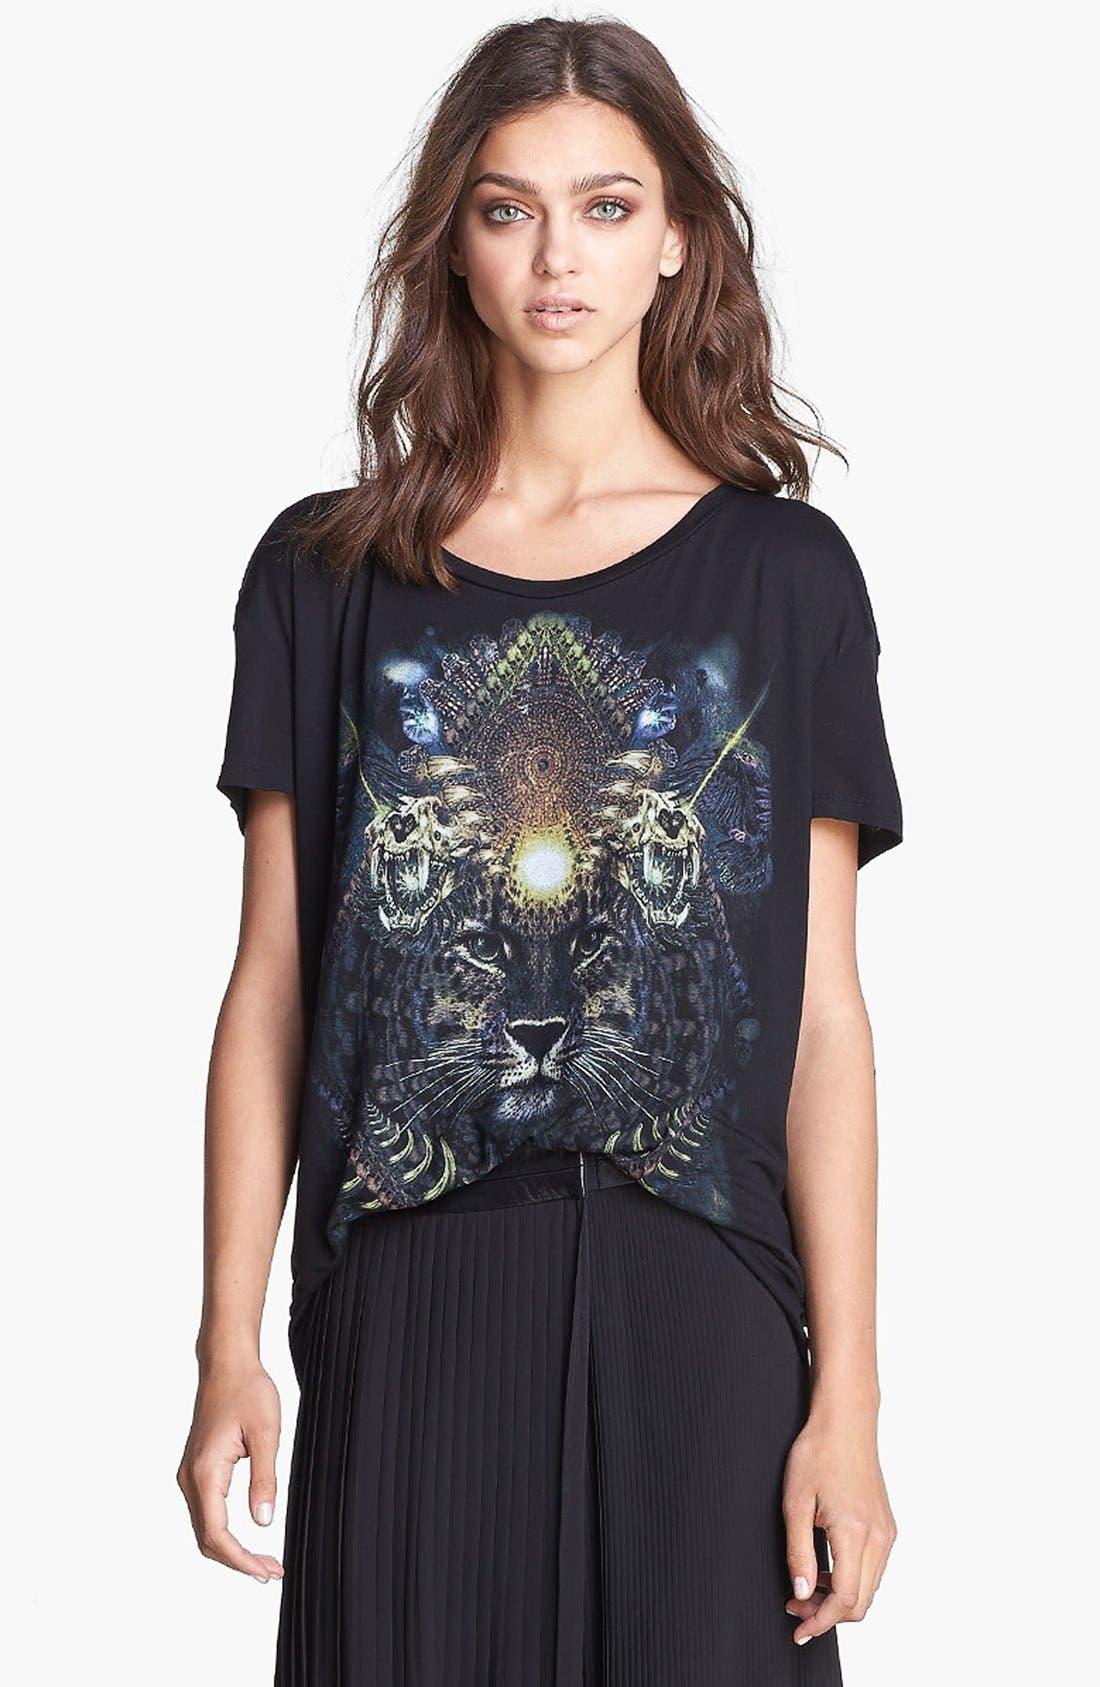 Alternate Image 1 Selected - The Kooples Neon Tiger Print Tee